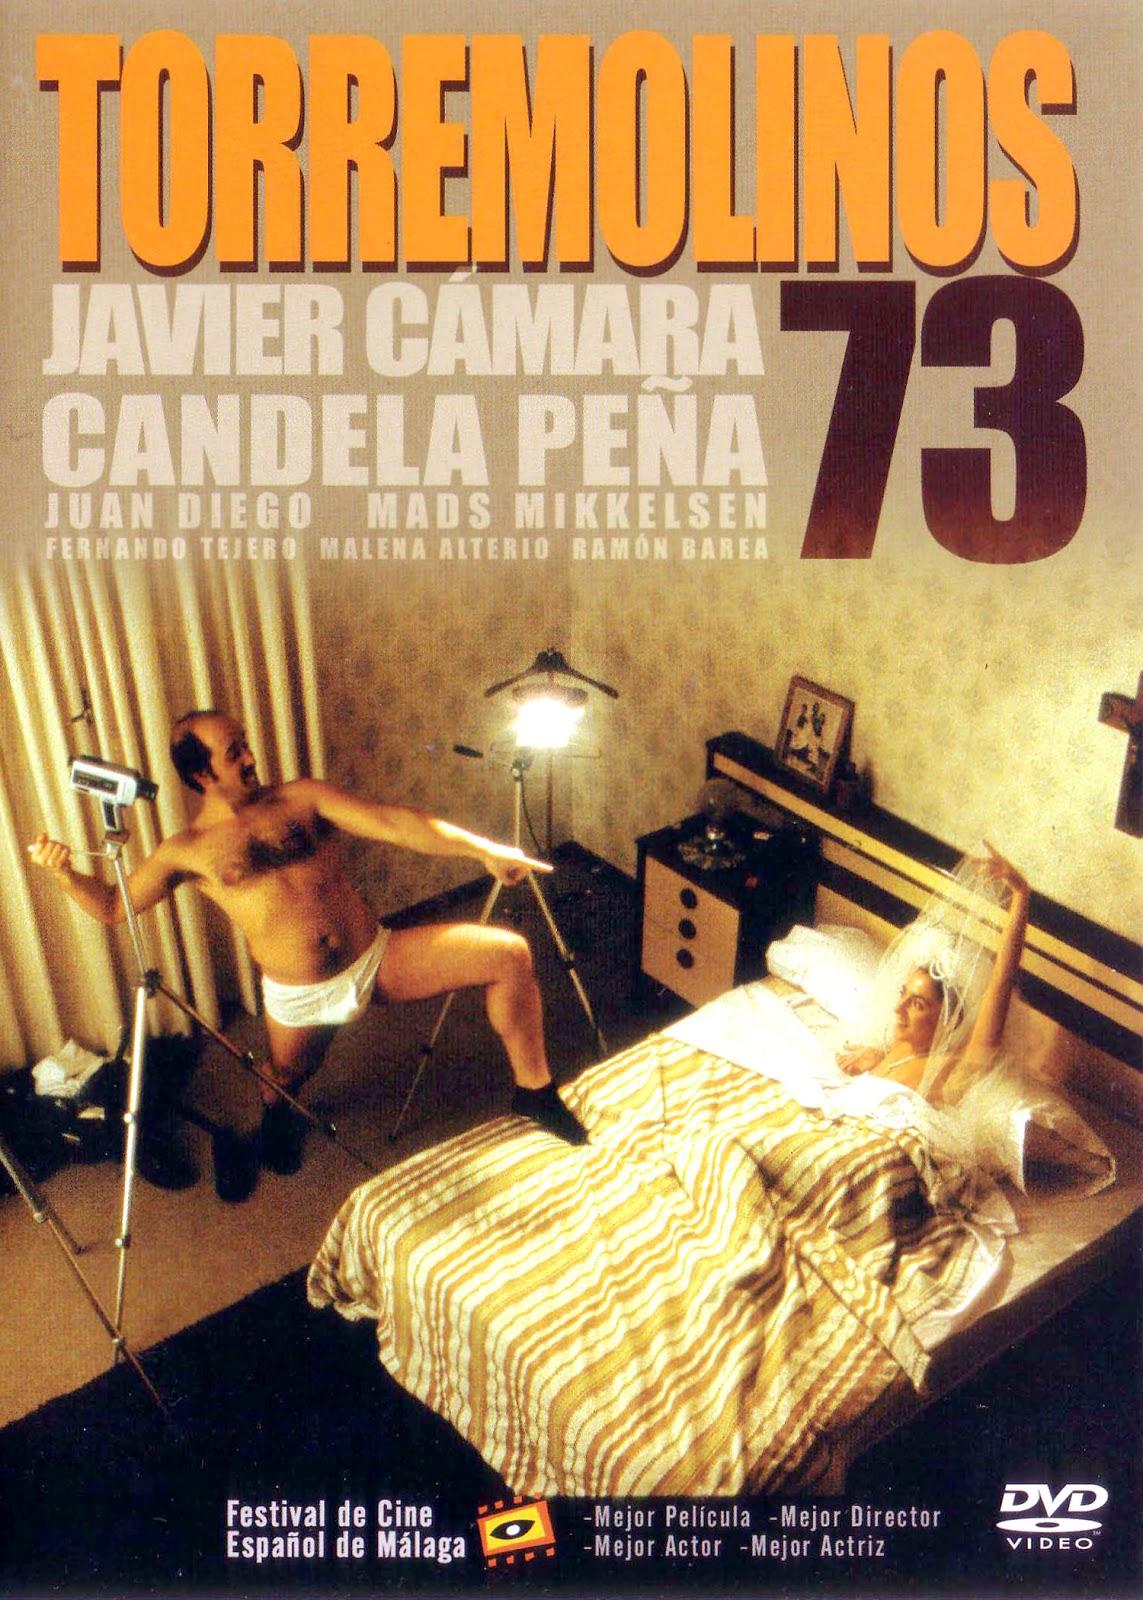 http://4.bp.blogspot.com/-MXDgvKbtQoc/UHb1BlwrWvI/AAAAAAAAJ4w/tiTcuW2K4Jg/s1600/Torremolinos+73.jpg